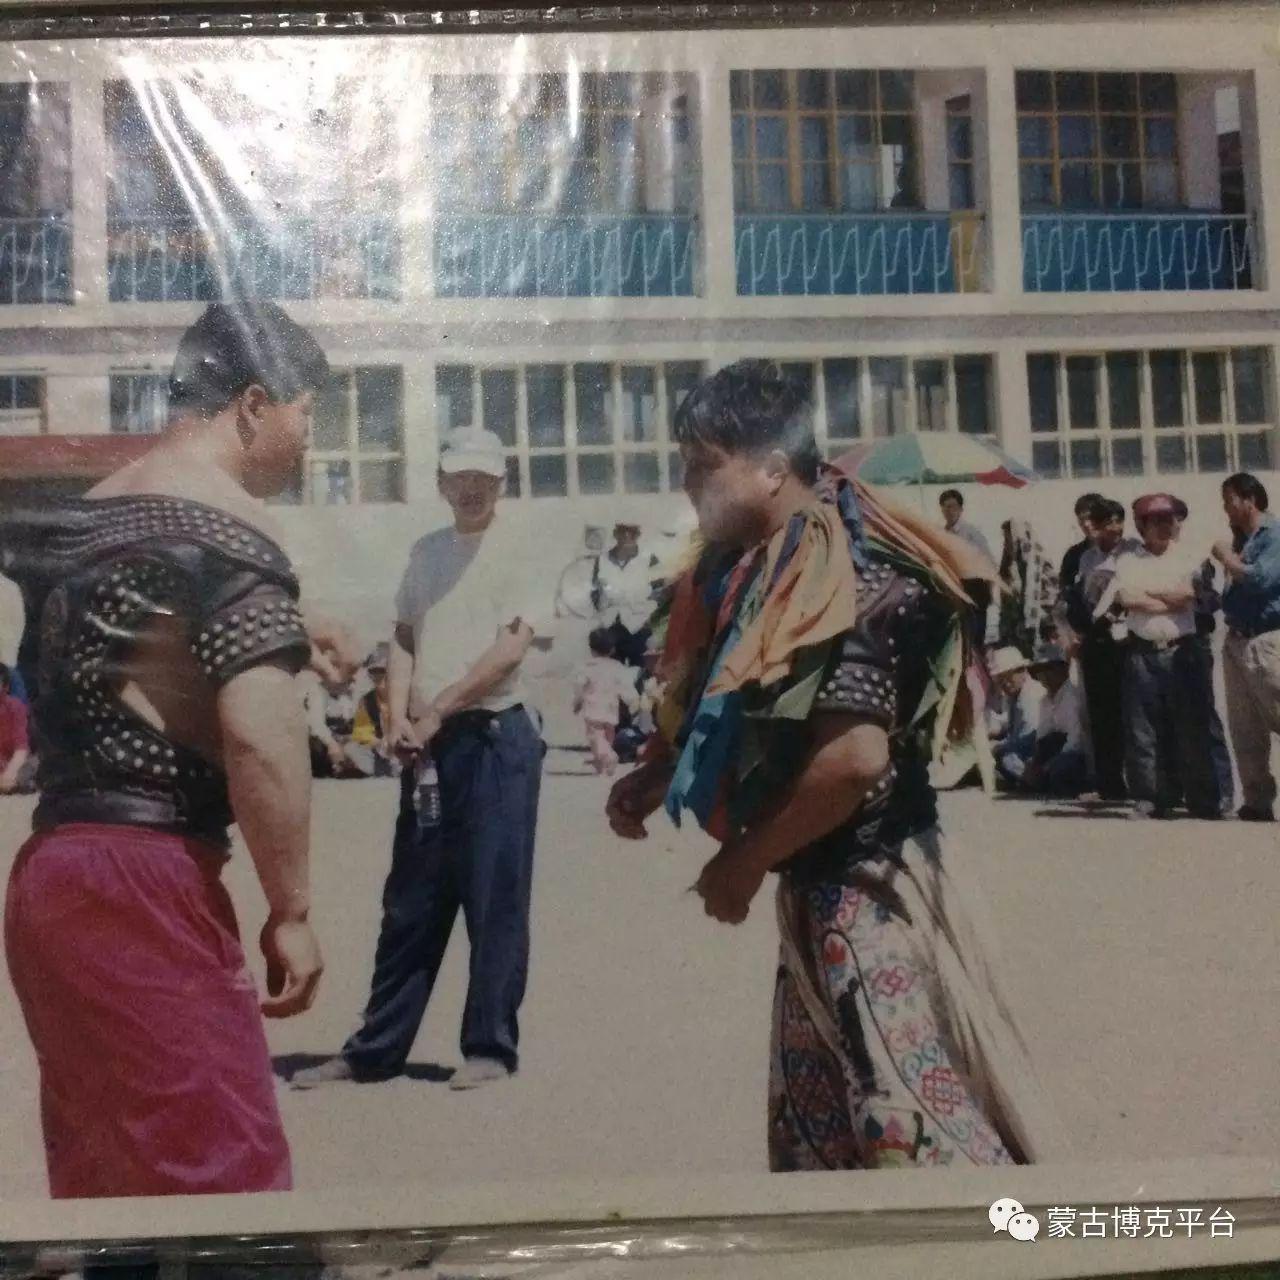 蒙古博克-老前辈们(图片) 第14张 蒙古博克-老前辈们(图片) 蒙古文化